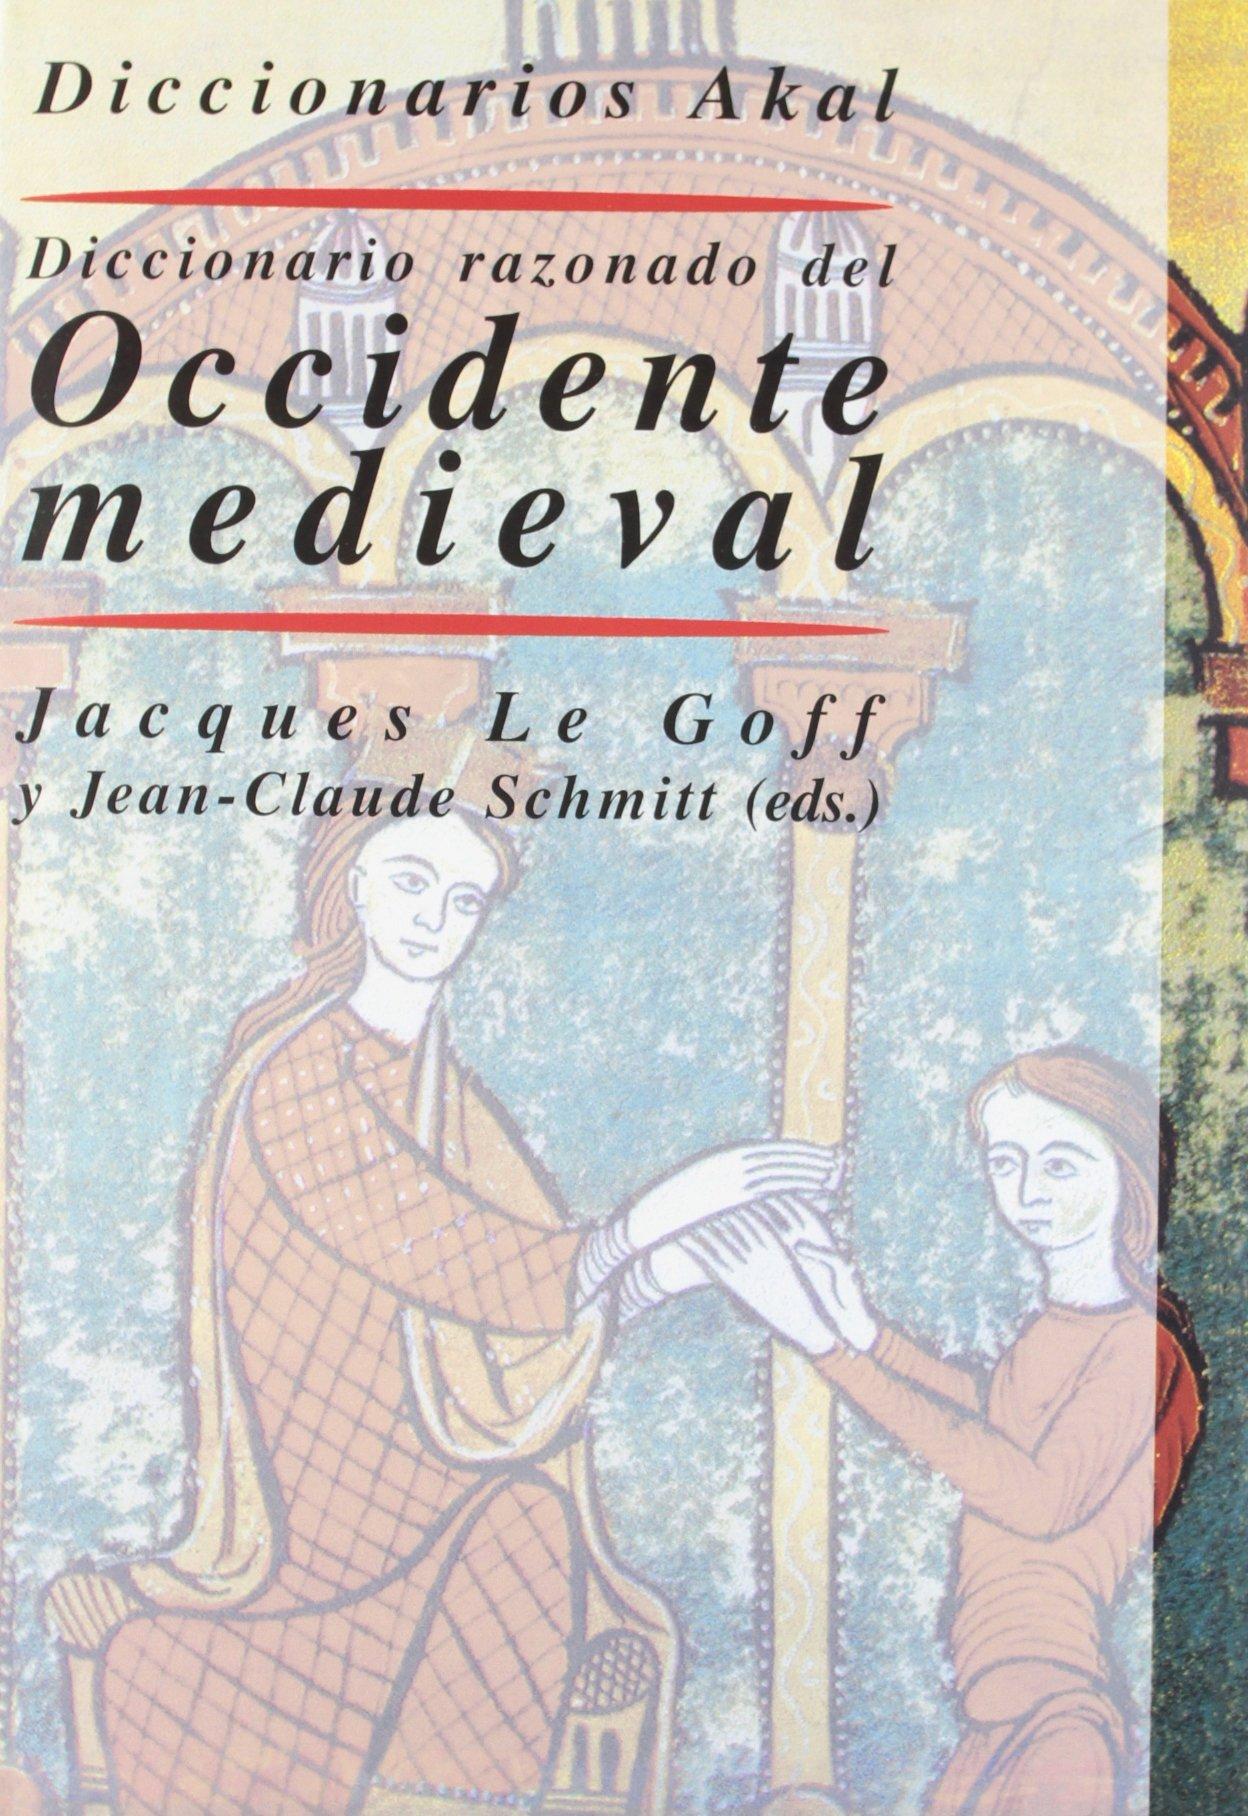 Diccionario razonado del Occidente medieval: 36 Diccionarios: Amazon.es: Le Goff, Jacques, Schmitt (ed.), Jean-Claude, Carrasco Manchado, Ana Isabel: Libros